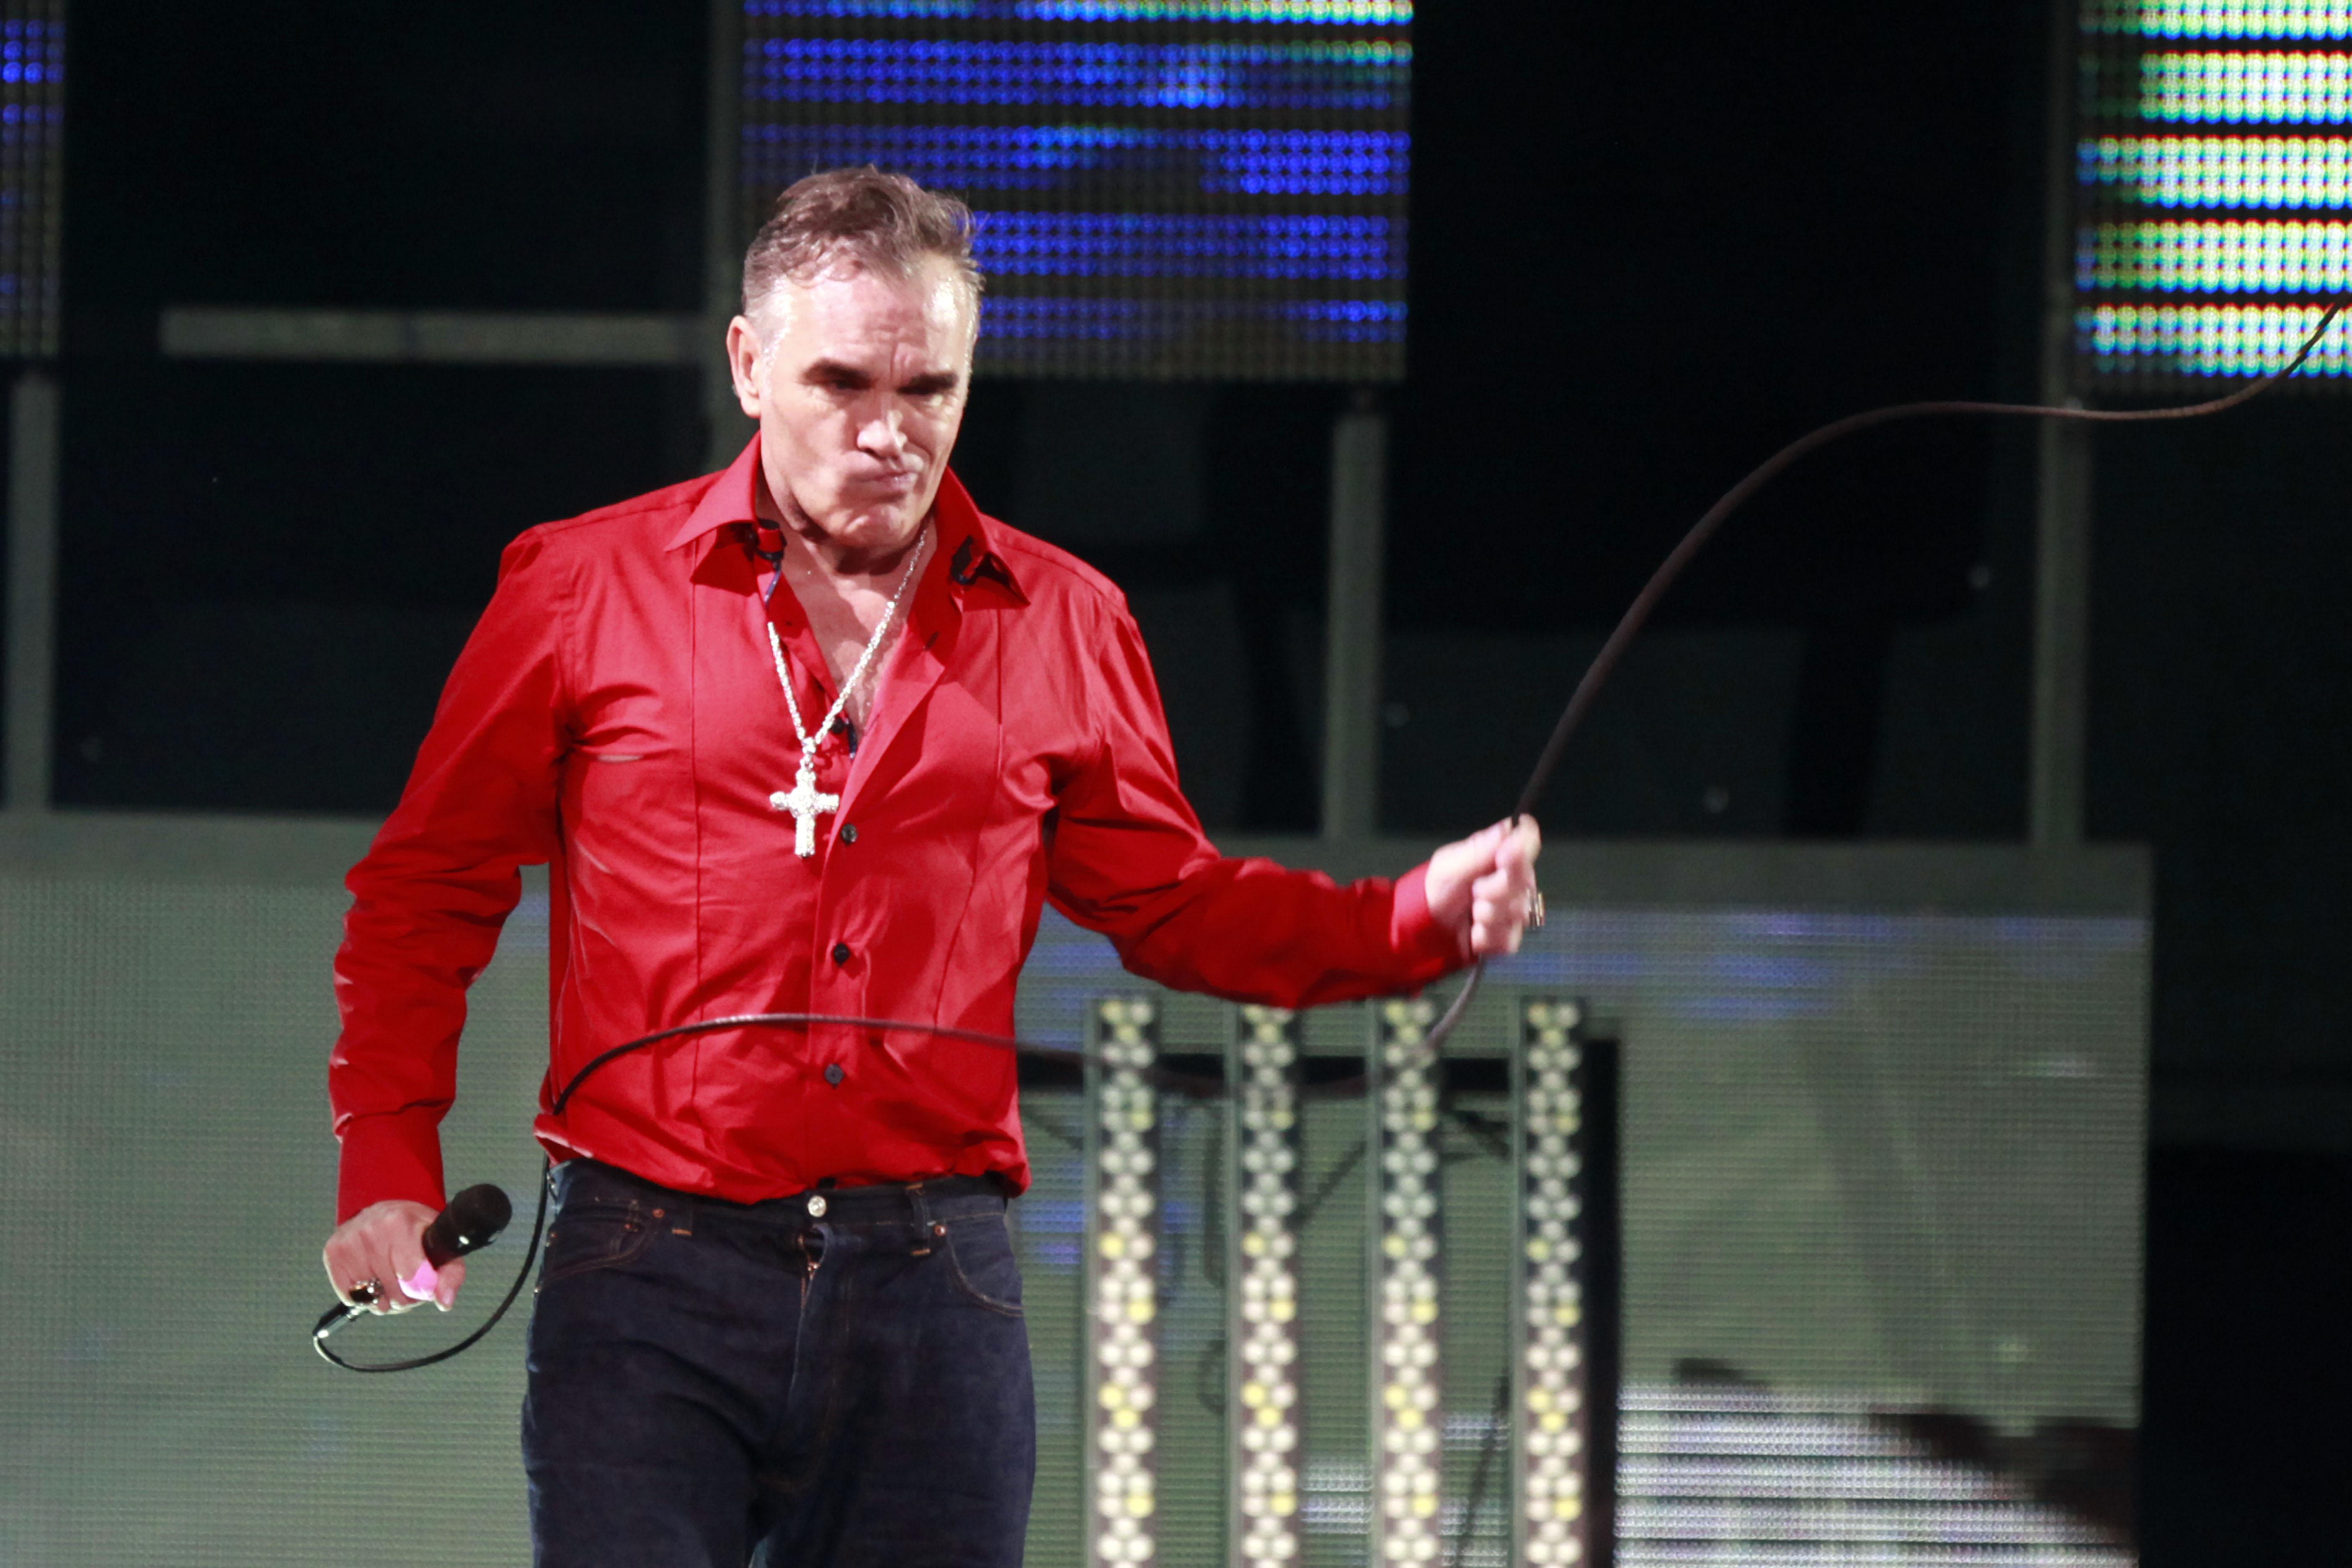 La mayor productora de Argentina se niega a organizar concierto de Morrissey tras polémicas declaraciones